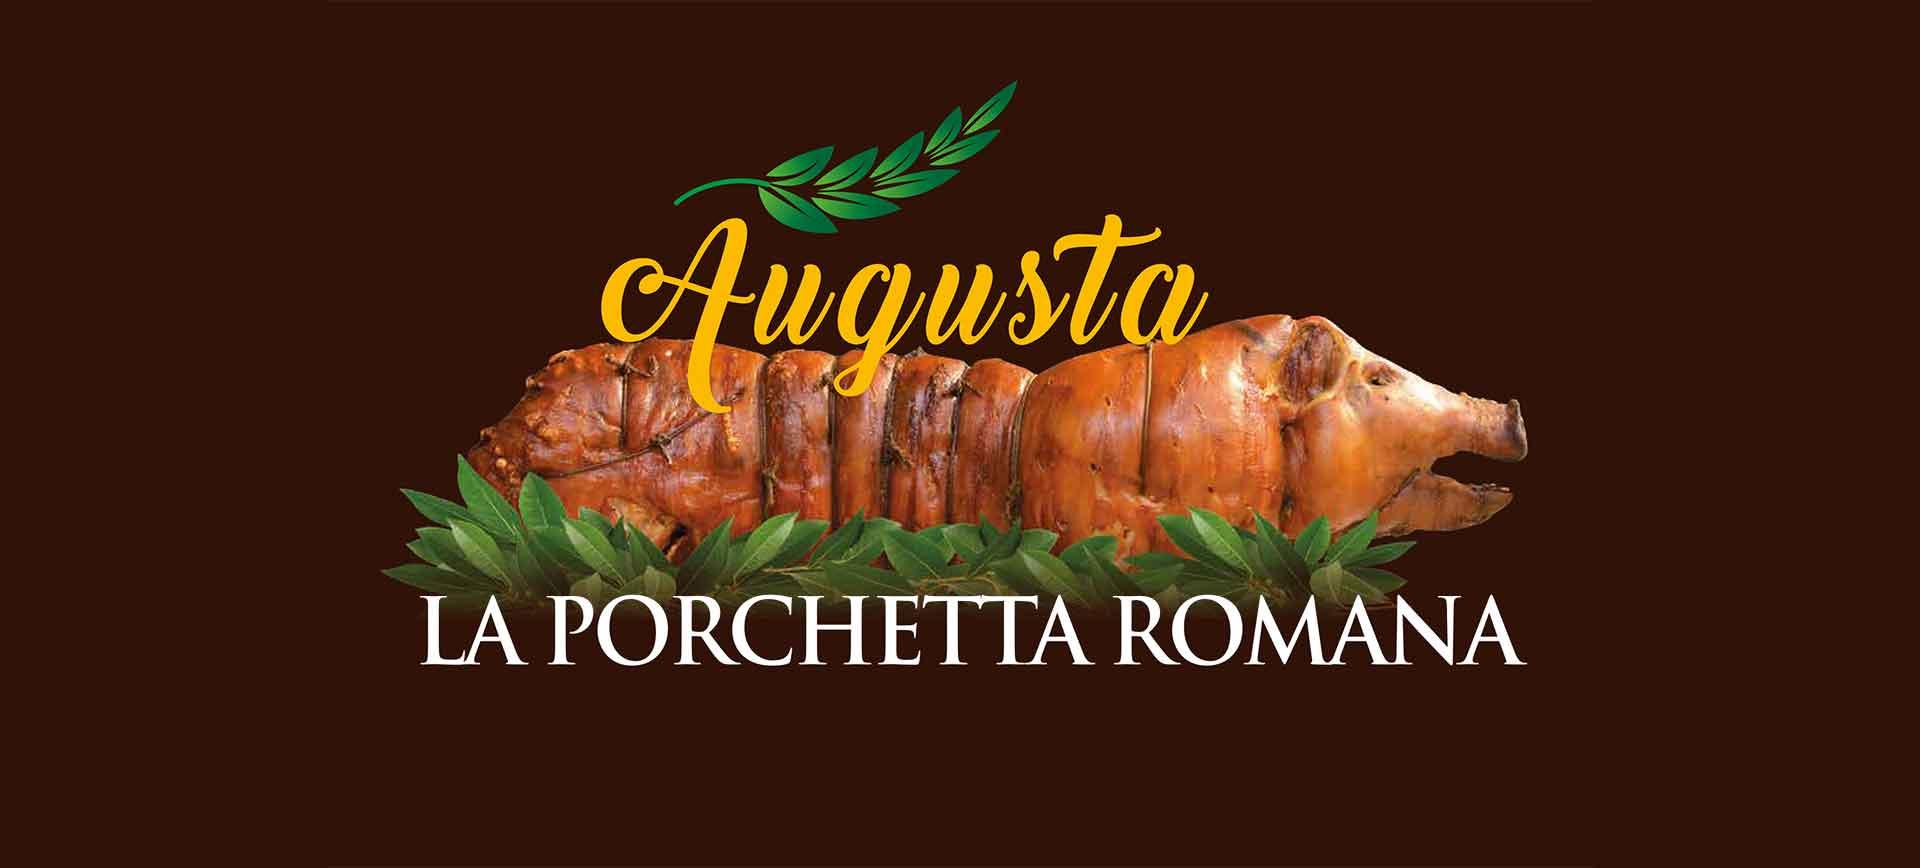 I Maestri Norcini di Italcarni lavorano la porchetta romana tradizionale prevalentemente a mano nell'Agro Pontino.